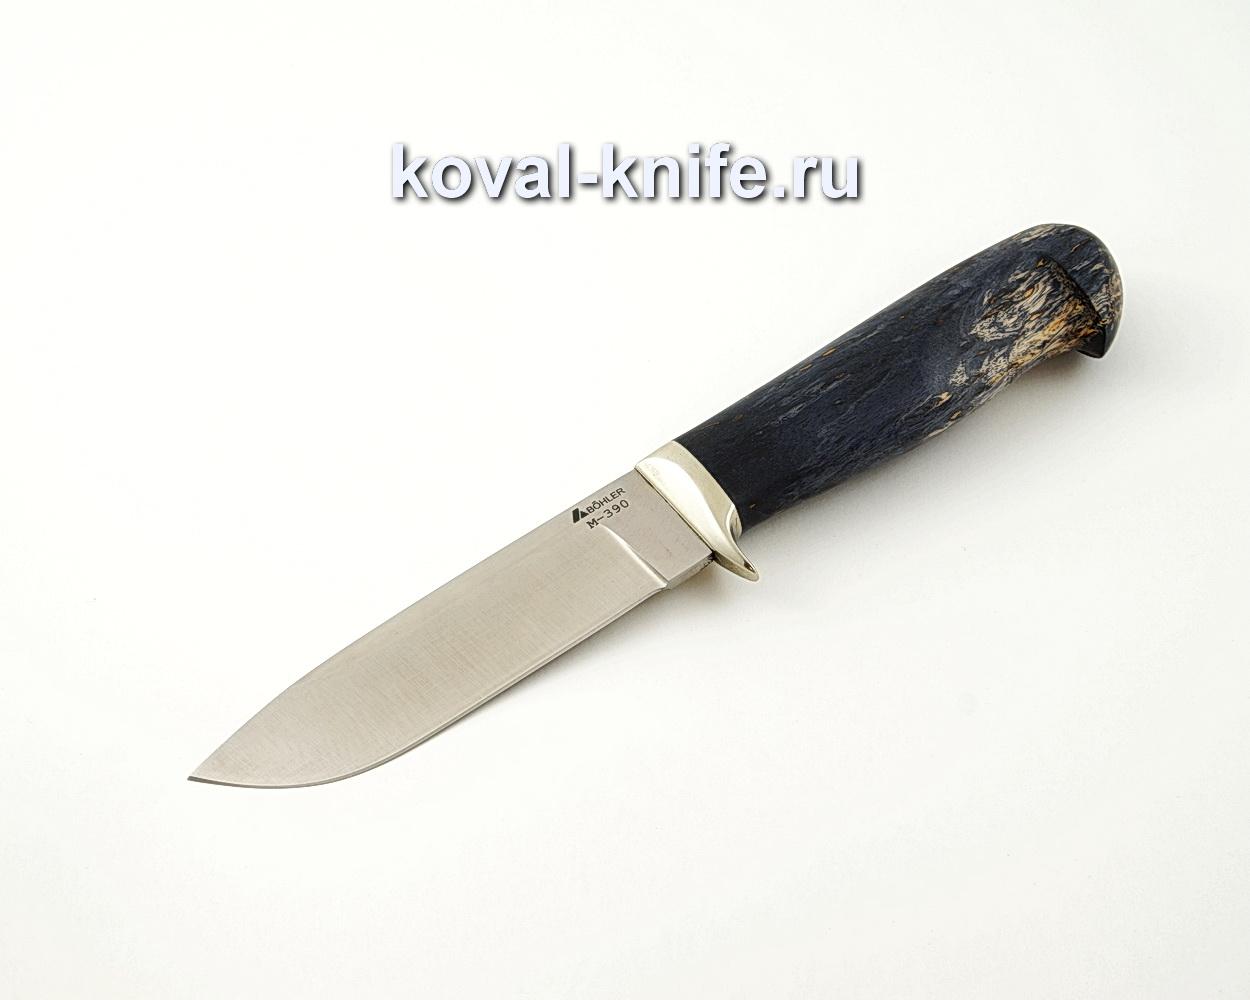 Нож Белка из порошковой стали М390 с рукоятью из стабилизированной карельской березы, гарда мельхиор A526